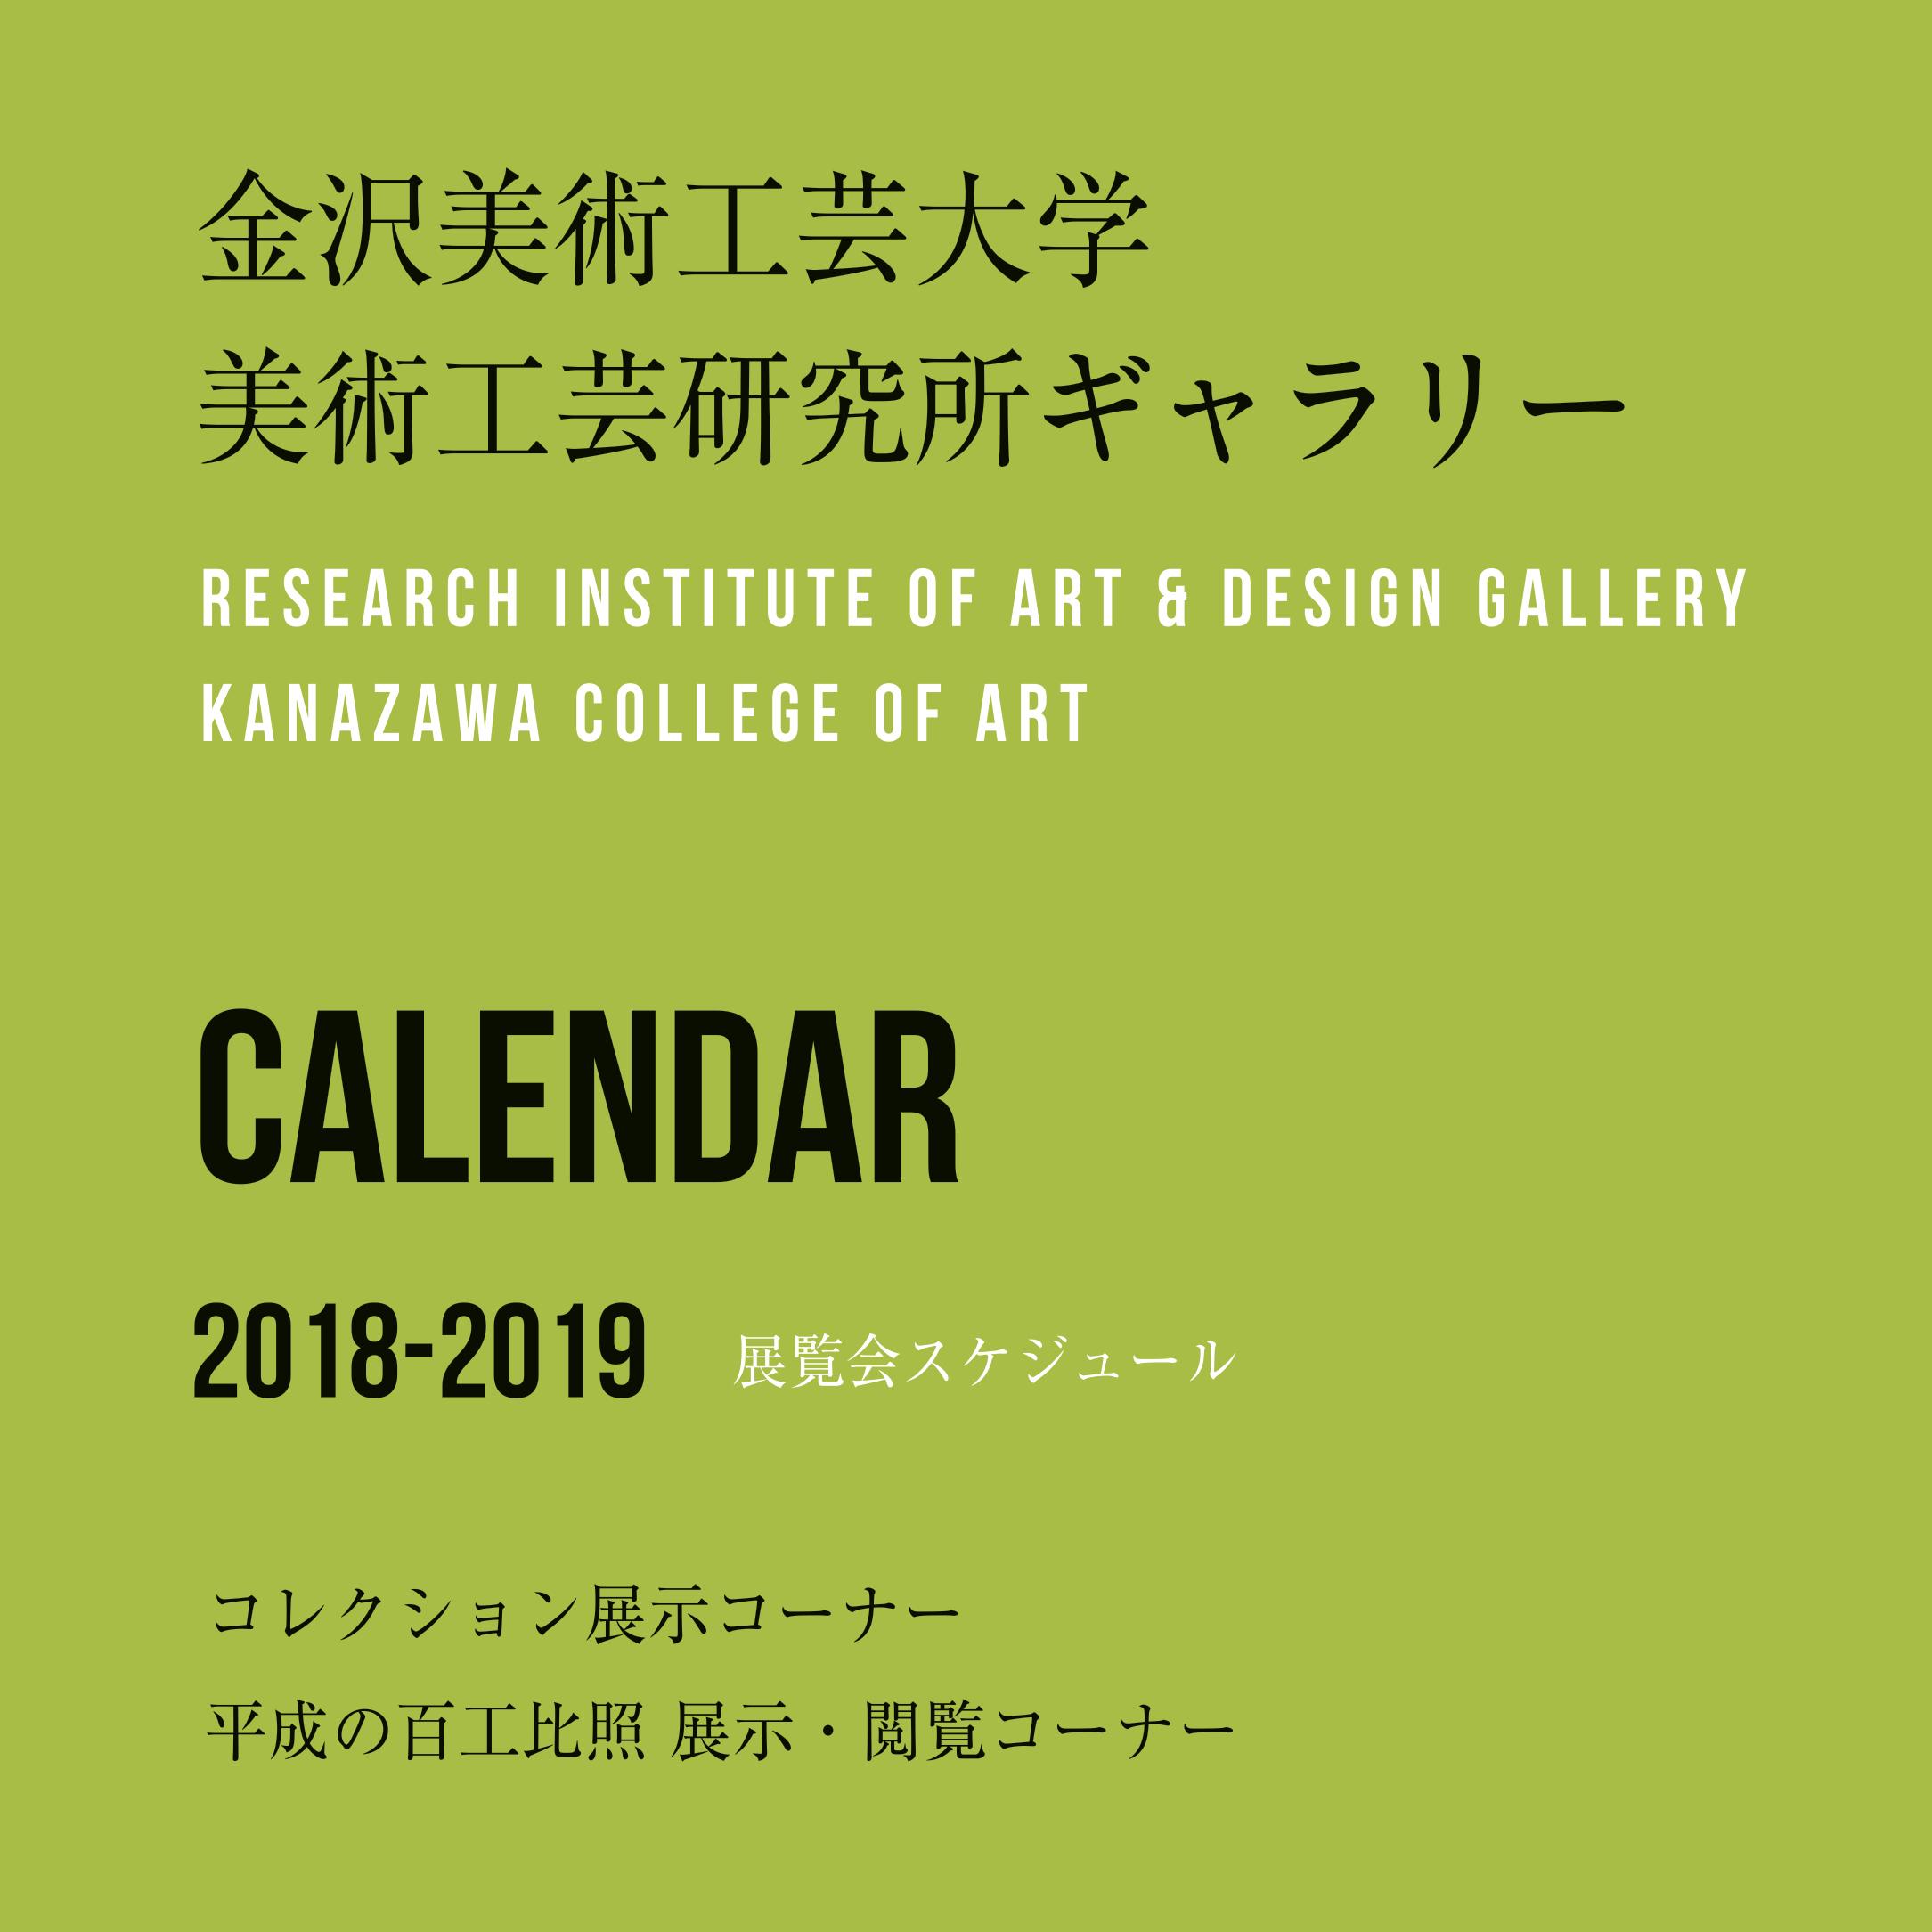 【美術工芸研究所】1月の美術工芸研究所ギャラリーの開室日について